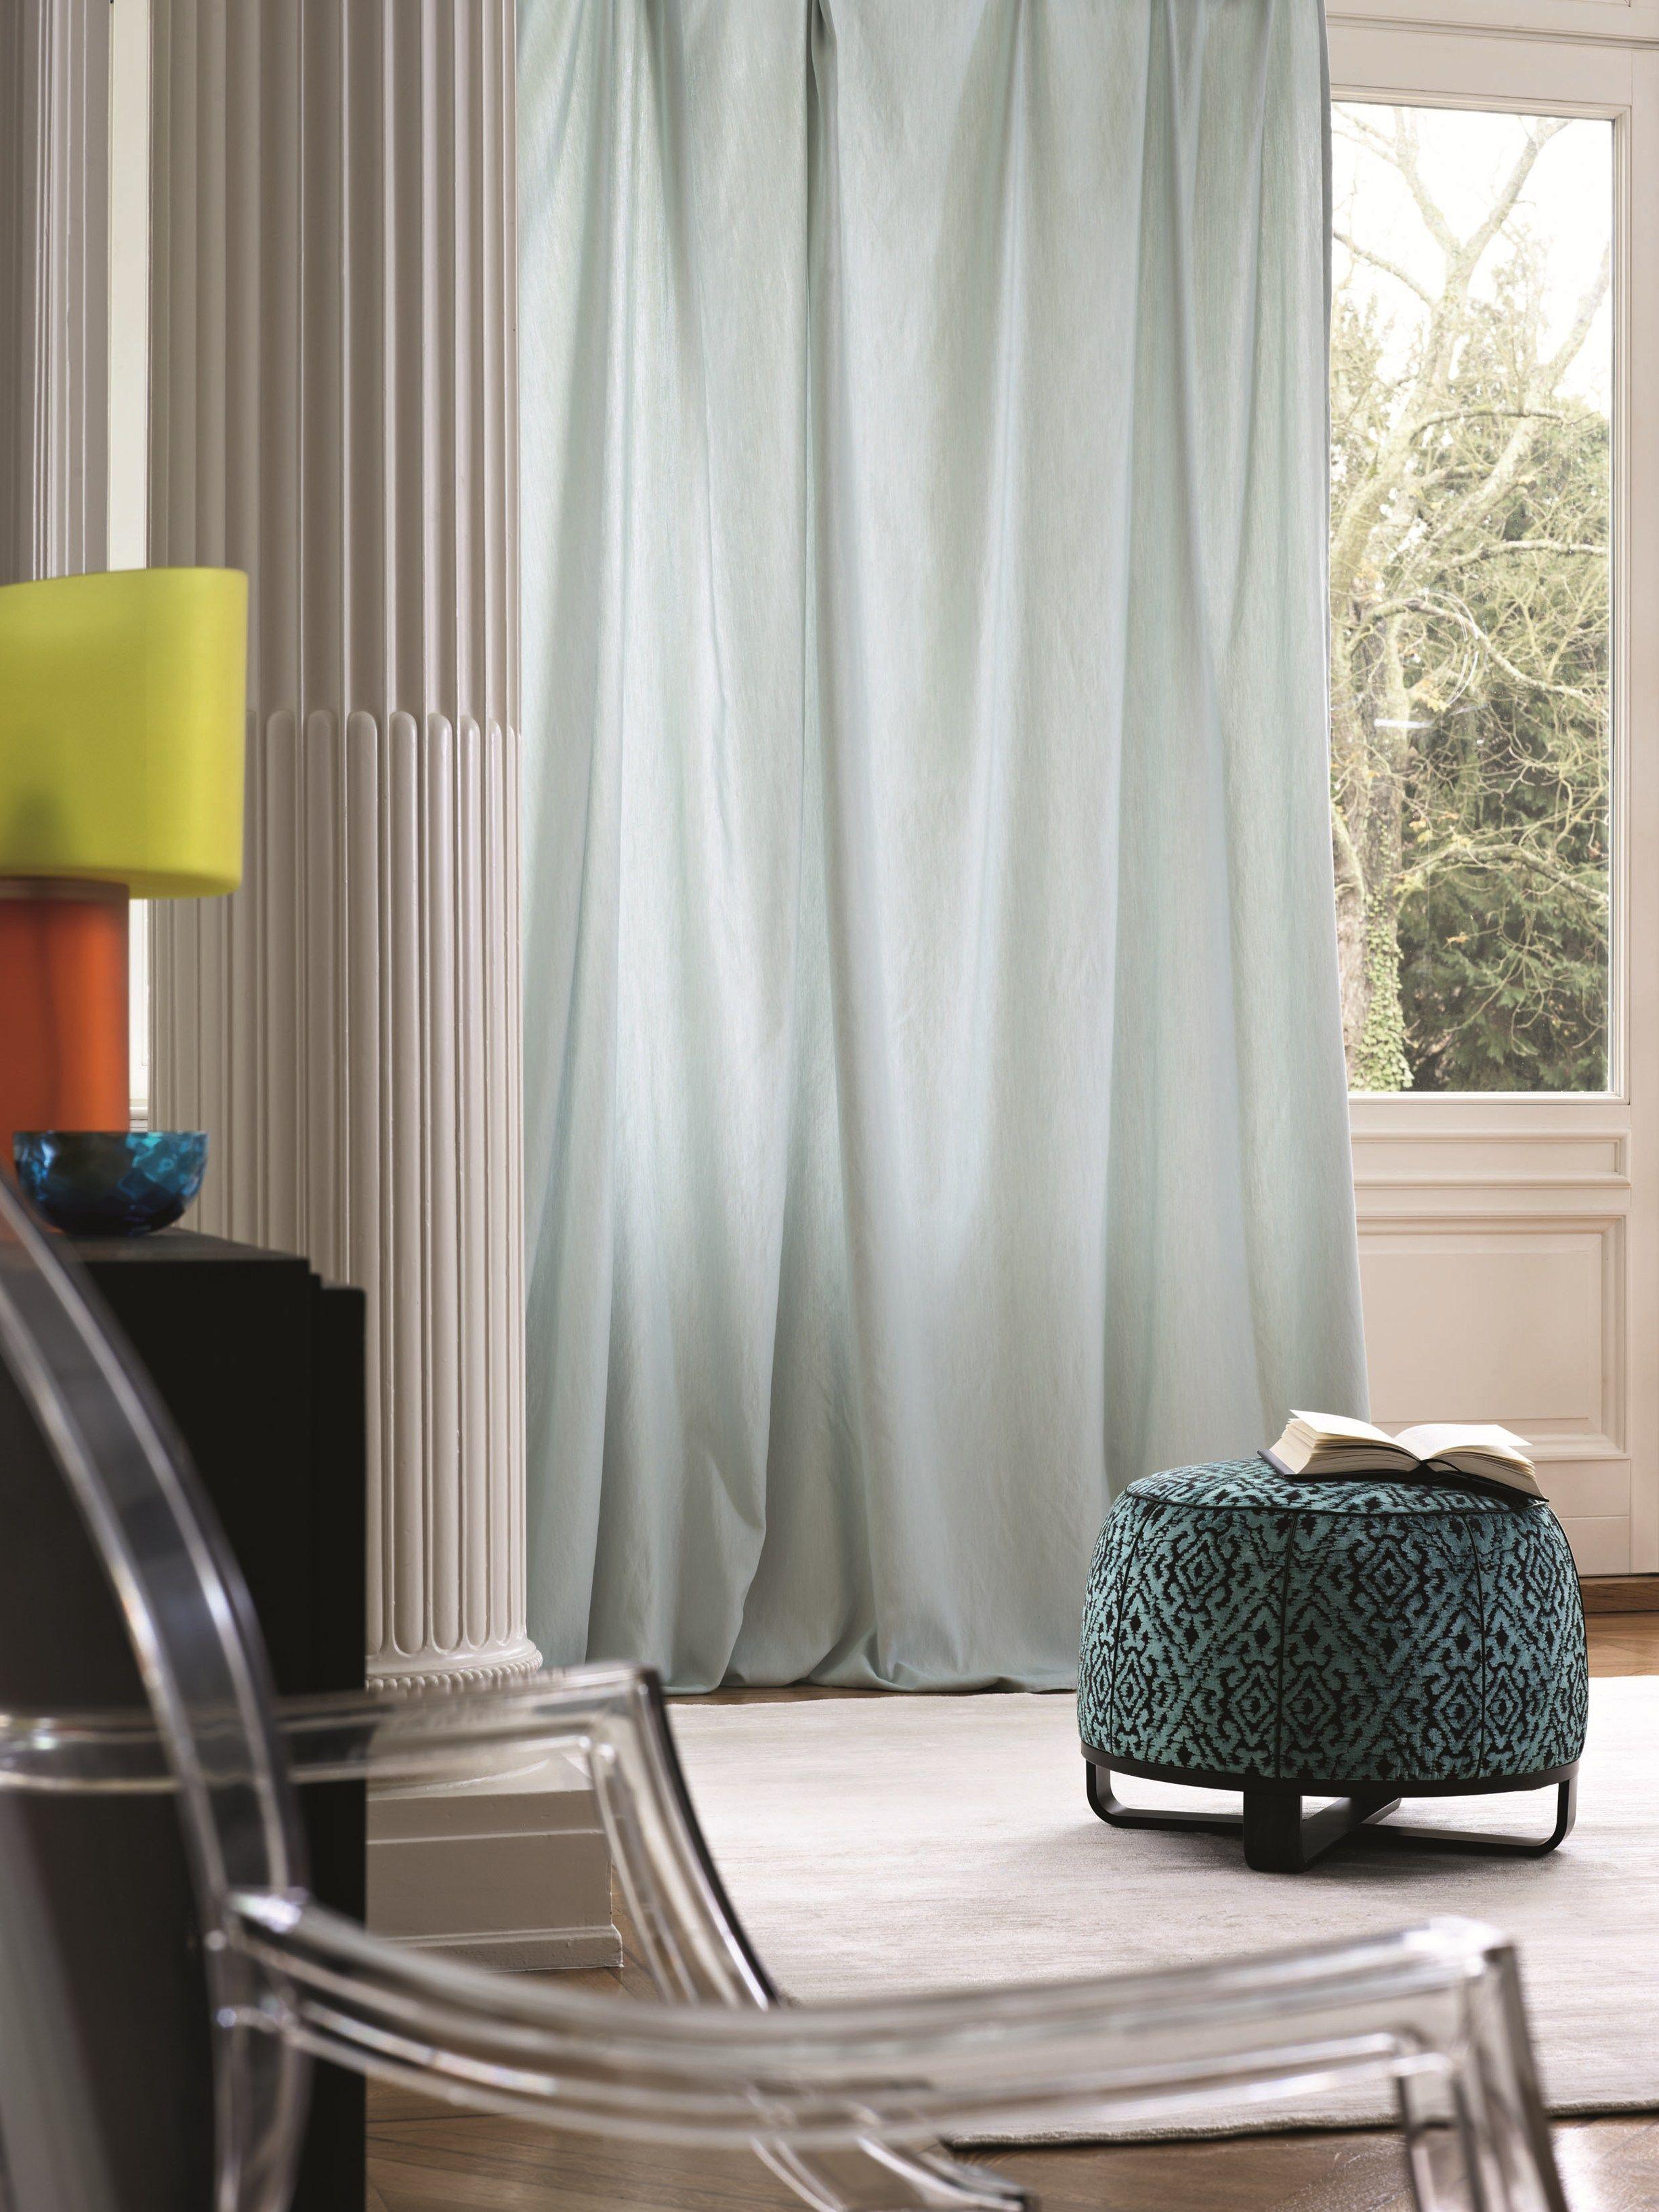 tessuto da tappezzeria con motivi grafici stimulation by. Black Bedroom Furniture Sets. Home Design Ideas